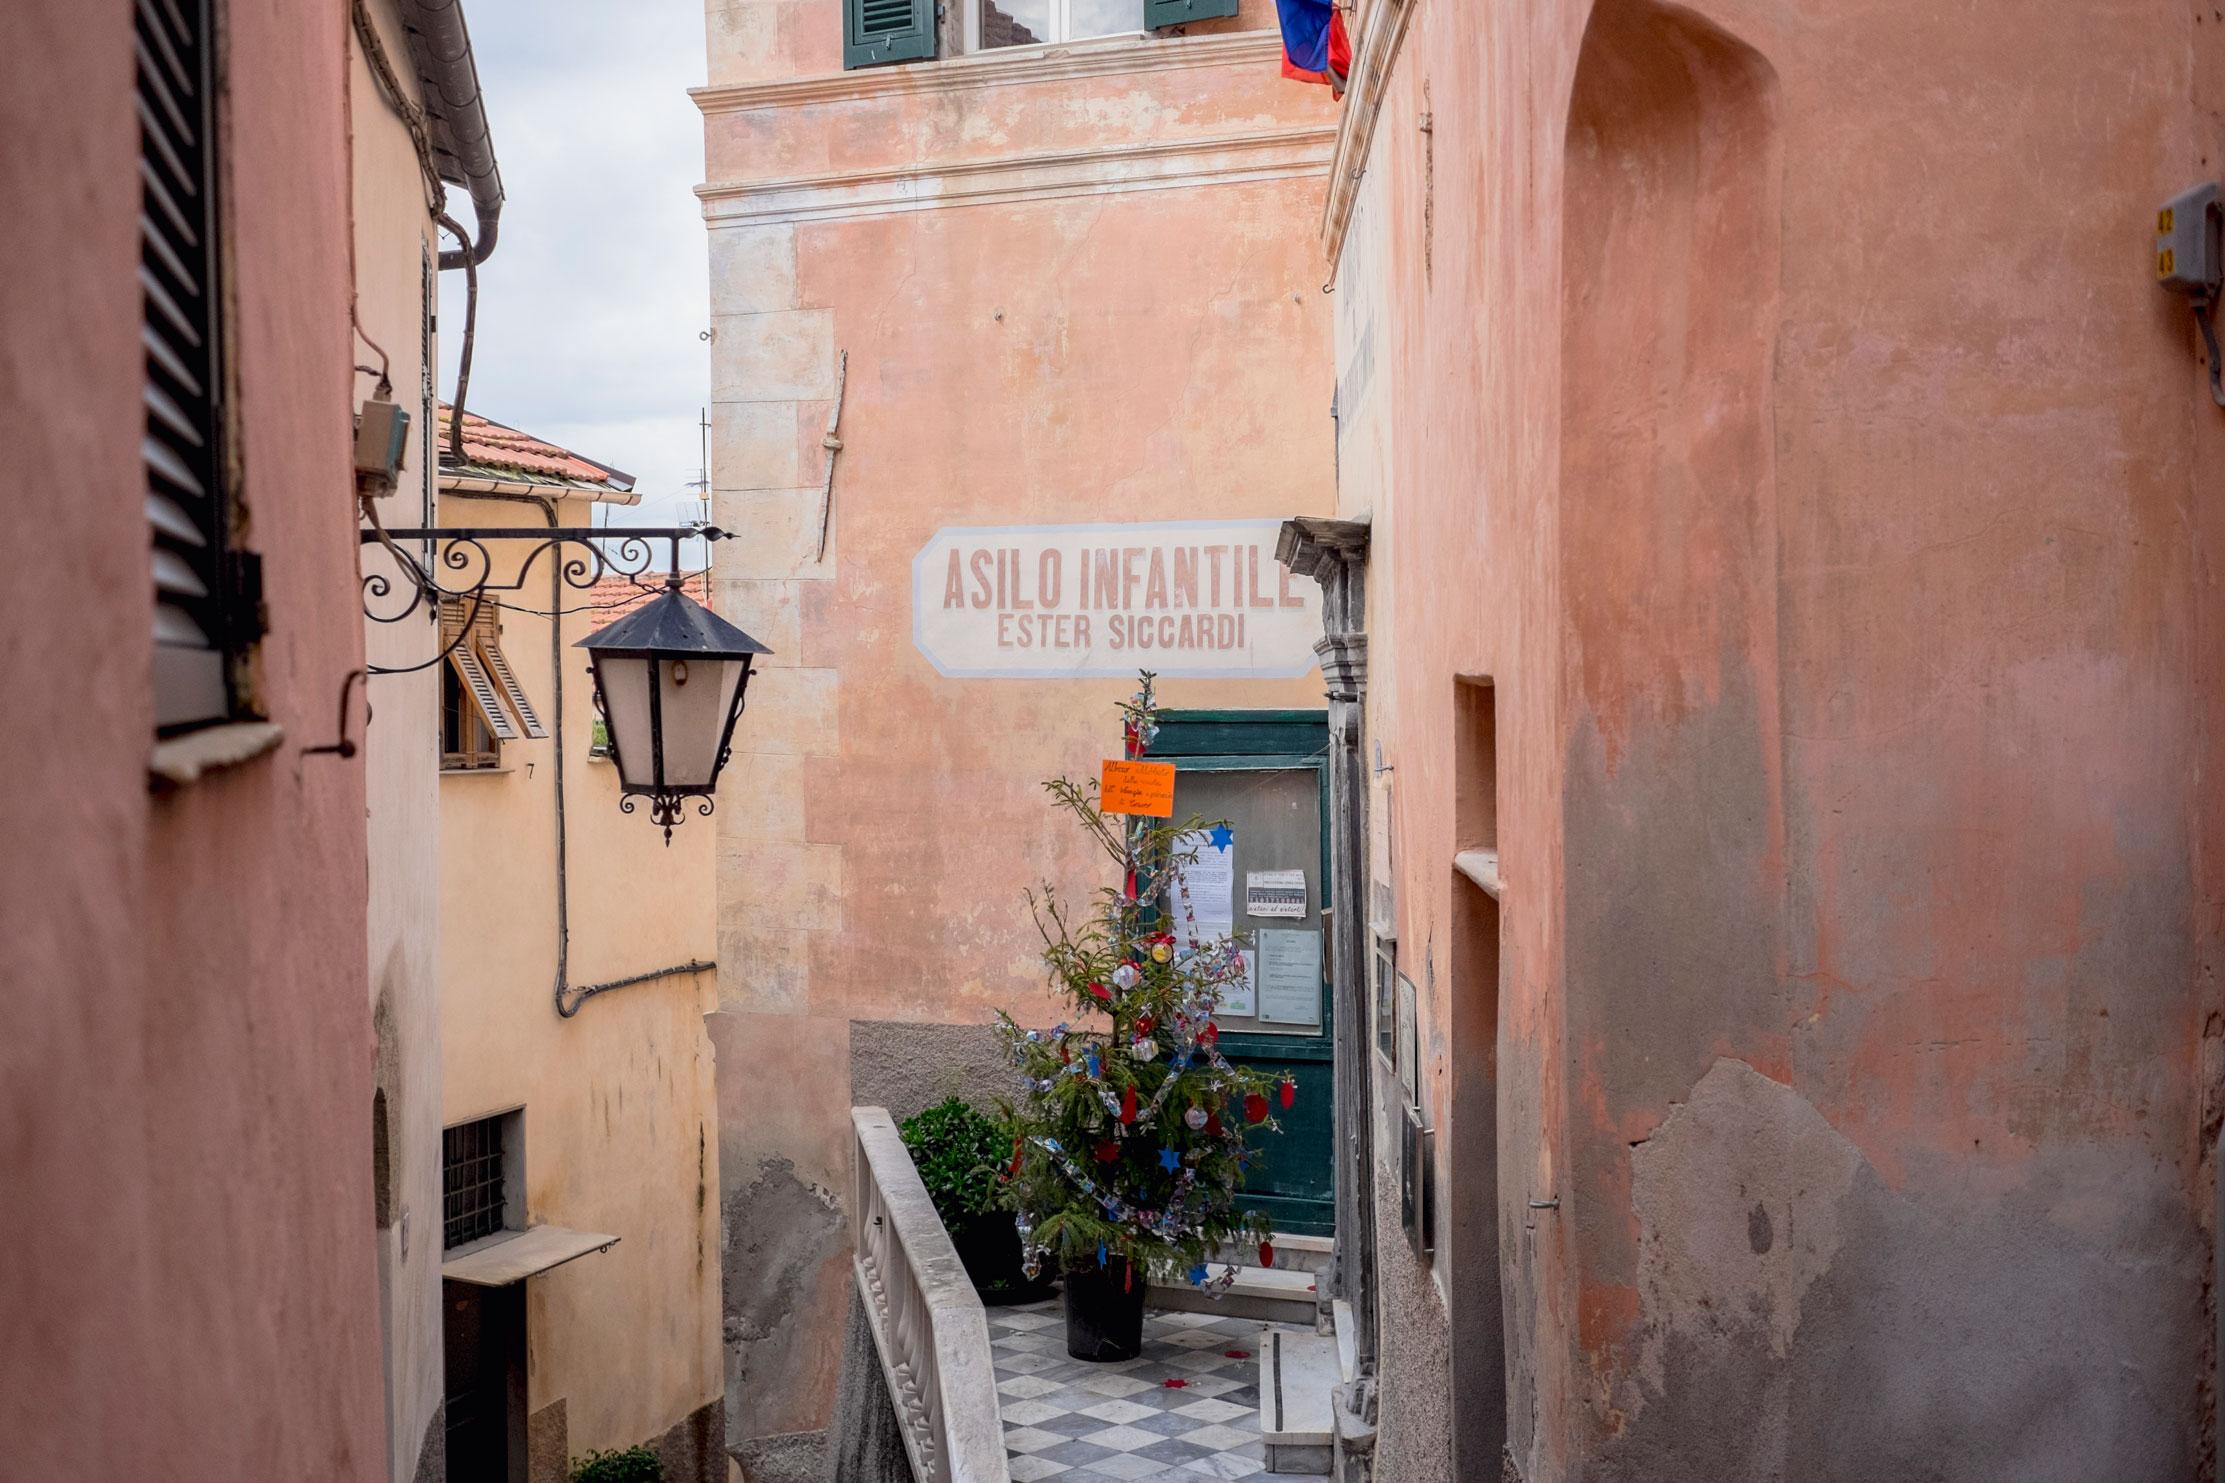 Italy Liguria Cervo asilo